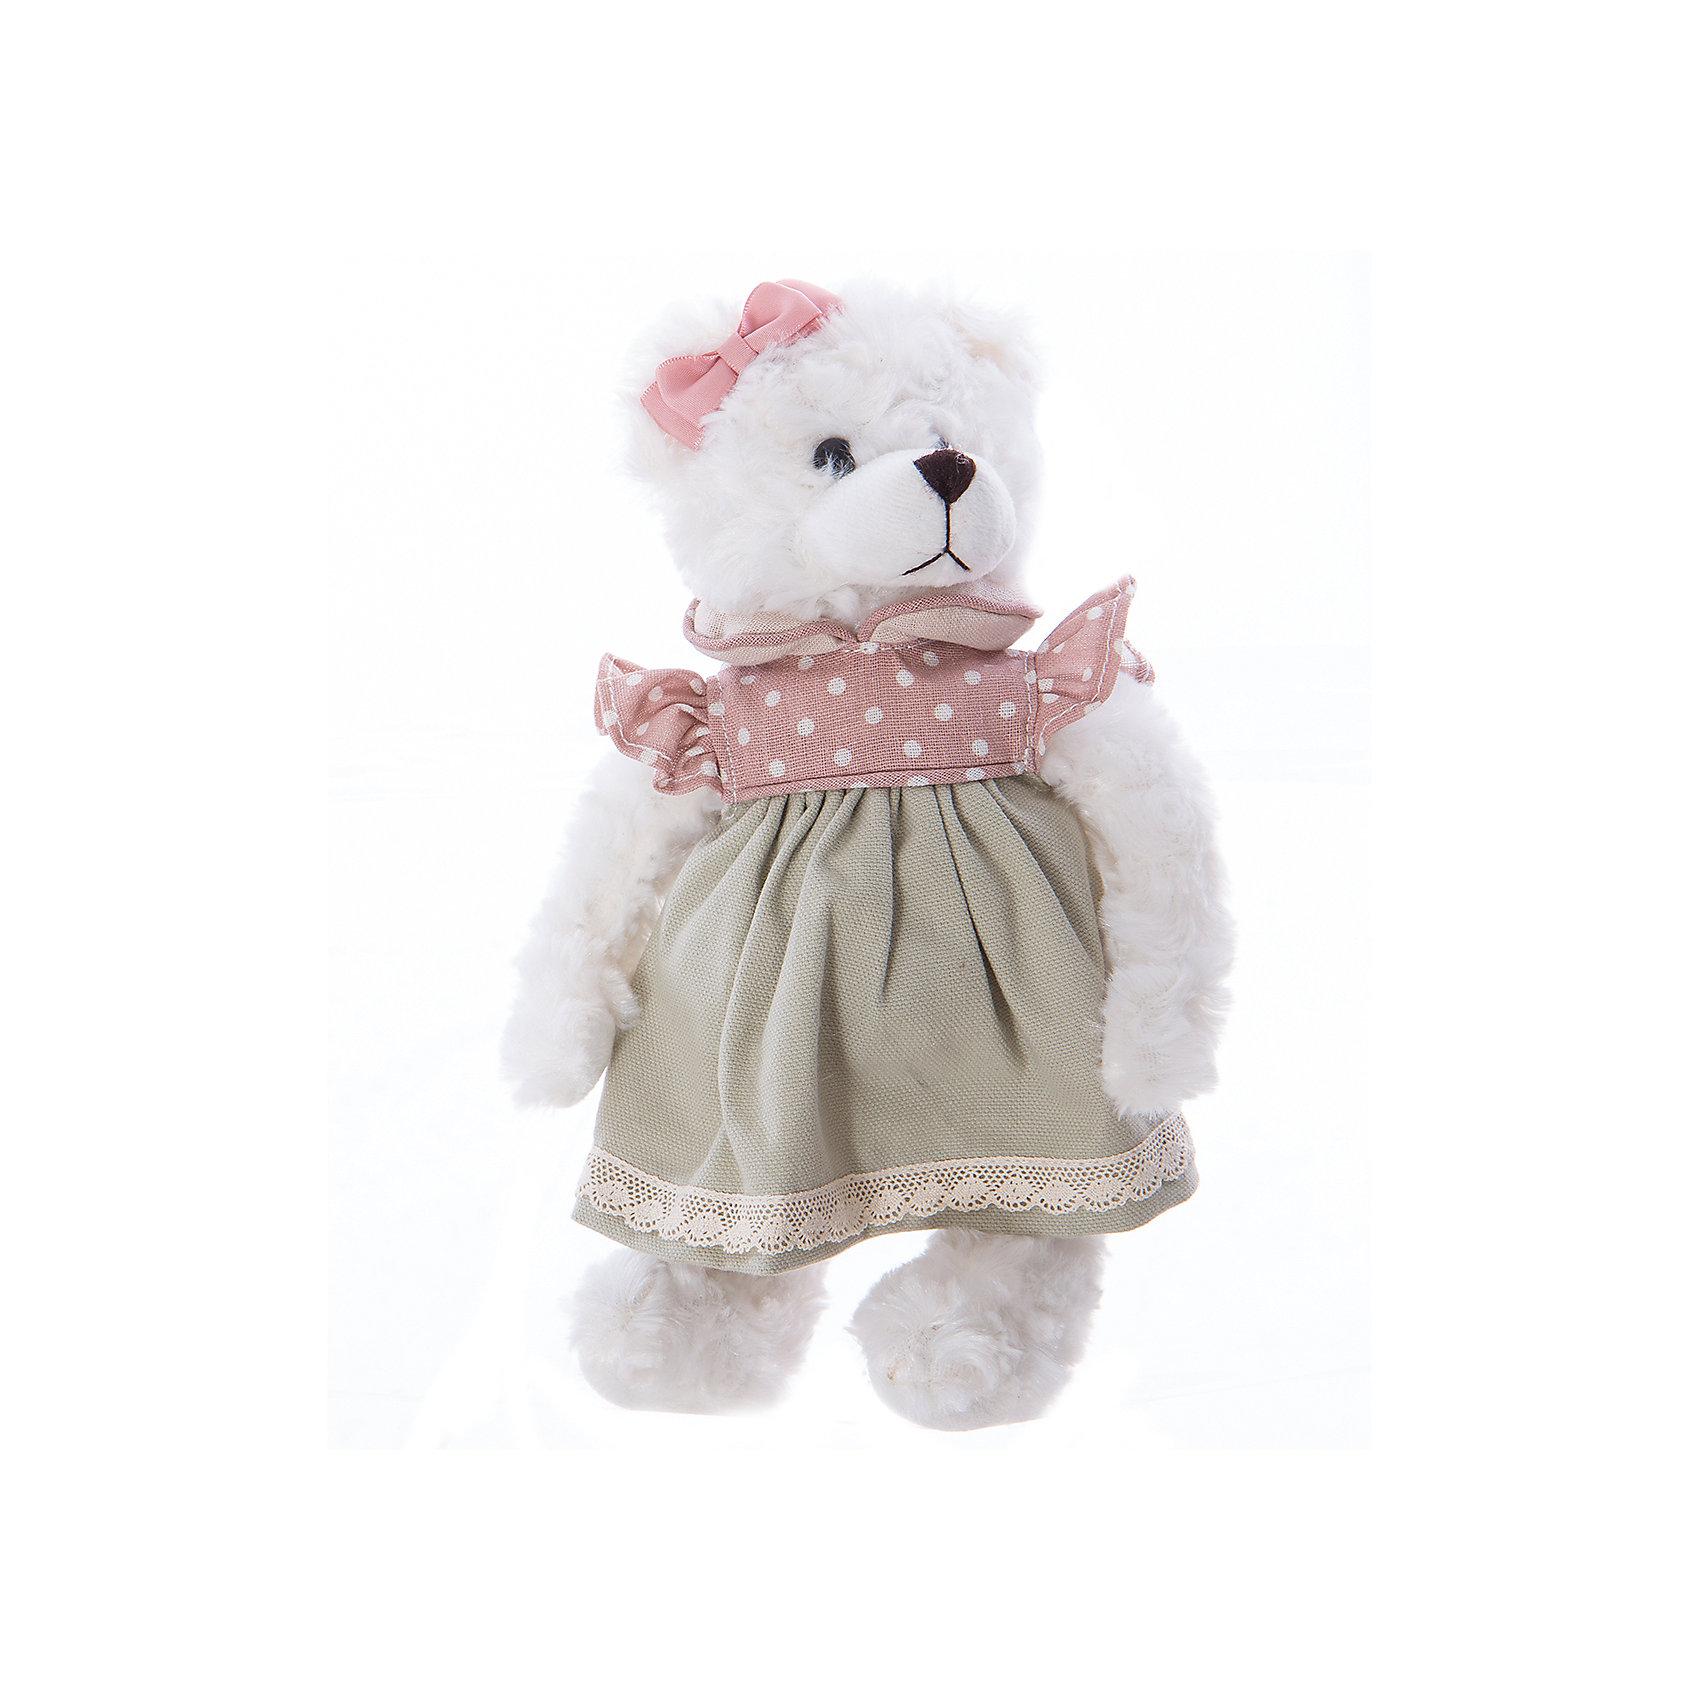 Интерьерная кукла Мишка C21-128274, EstroПредметы интерьера<br>Характеристики интерьерной куклы:<br><br>- высота: 31 см.<br>- состав: дерево, полиэстер, текстиль, полиэфир<br>- тип игрушки: животные, мягкая игрушка<br>- персонаж: медведь<br>- вид упаковки: коробка<br>- возрастные ограничения: 3+<br>- бред: Estro<br>- страна бренда: Италия<br>- страна производитель: Китай<br><br>Интерьерная кукла медведица итальянского бренда Estro является правильным выбором для Вашего интерьера. Изделие изготовлено из материалов высшего качества приятного окраса. Стиль игрушки продуман до мелочей. Все элементы аккуратно совмещены и хорошо смотрятся друг с другом. Представленная интерьерная кукла бренда Estro замечательно дополнит Вашу квартиру. <br><br>Интерьерную куклу медвежонок итальянской торговой марки Estro можно купить в нашем интернет-магазине.<br><br>Ширина мм: 100<br>Глубина мм: 100<br>Высота мм: 300<br>Вес г: 182<br>Возраст от месяцев: 36<br>Возраст до месяцев: 1188<br>Пол: Женский<br>Возраст: Детский<br>SKU: 5356610